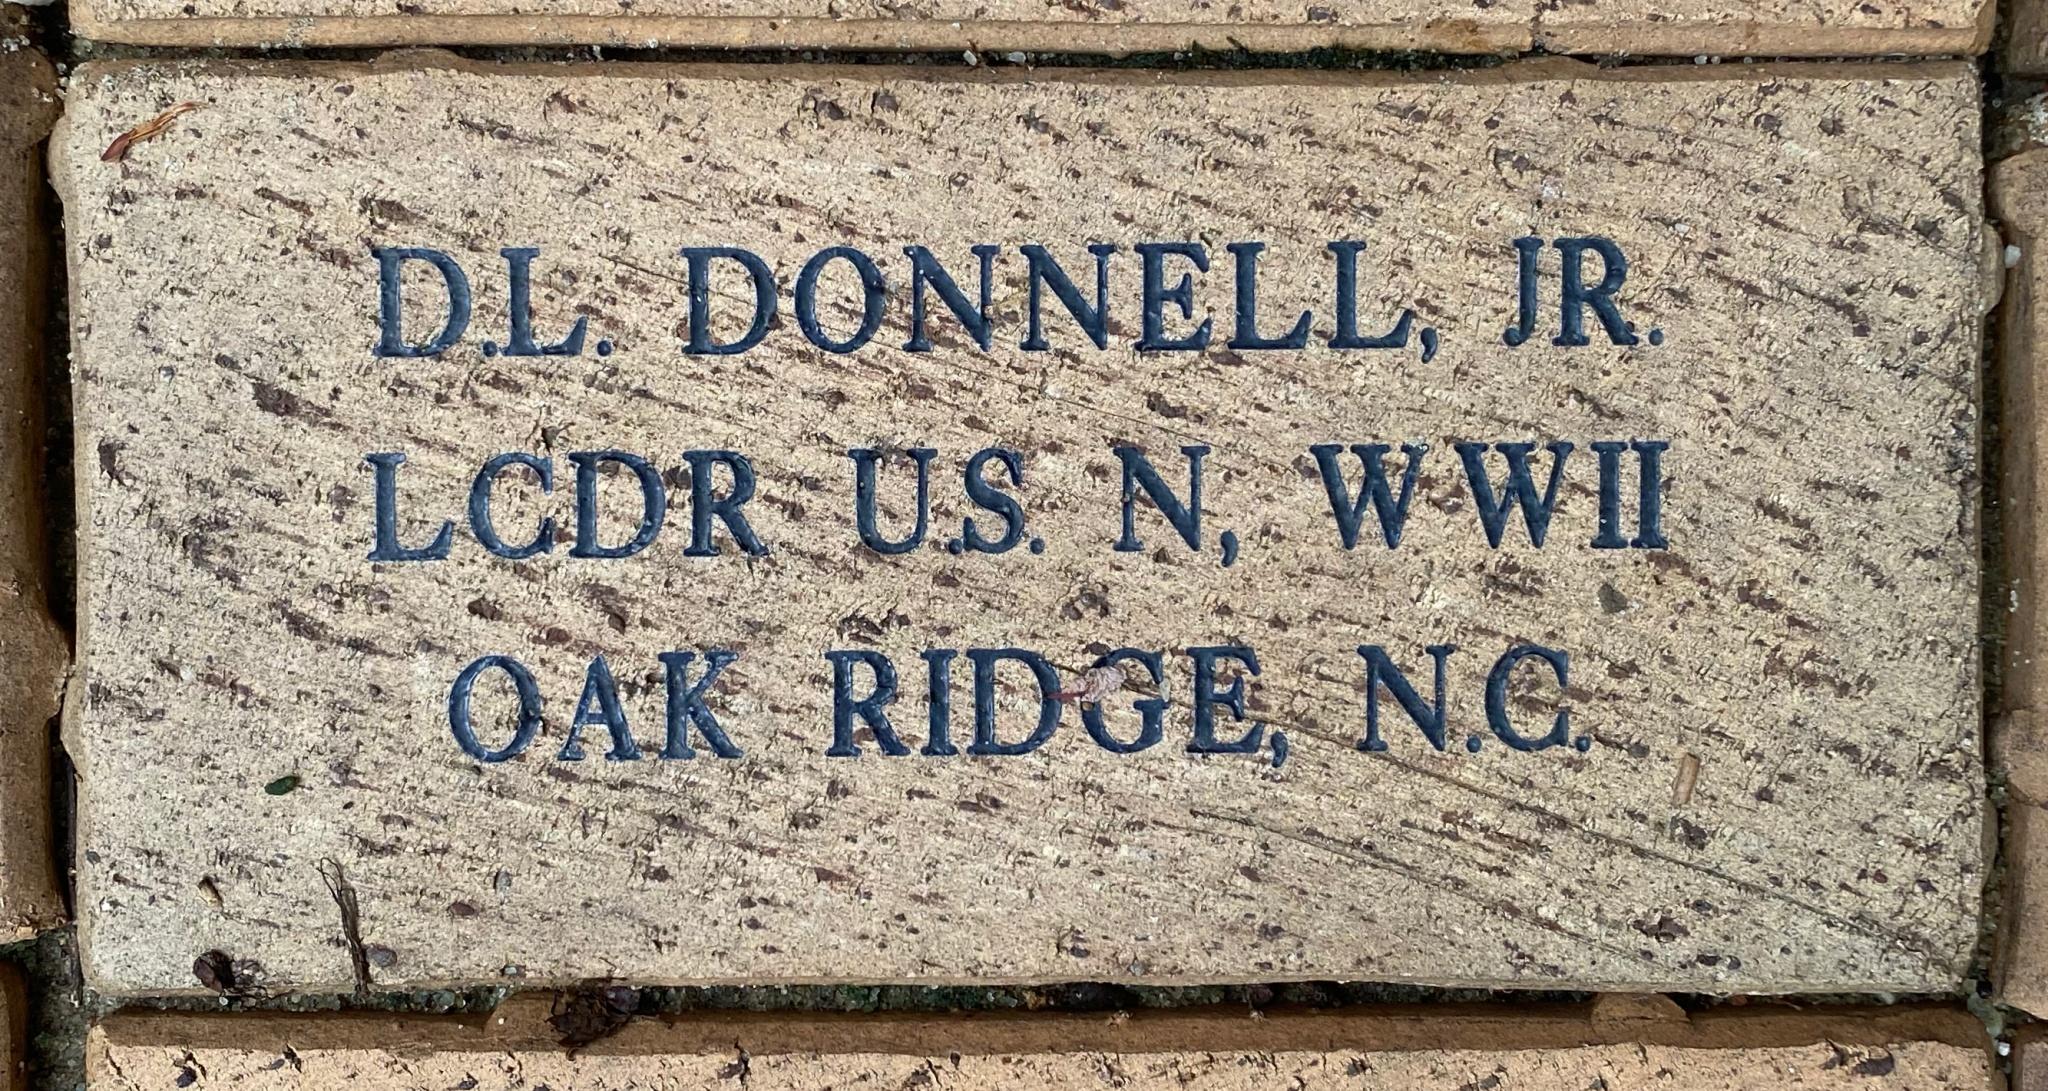 D.L. DONNELL, JR LCDR U.S.N. WWII OAK RIDGE, N.C.